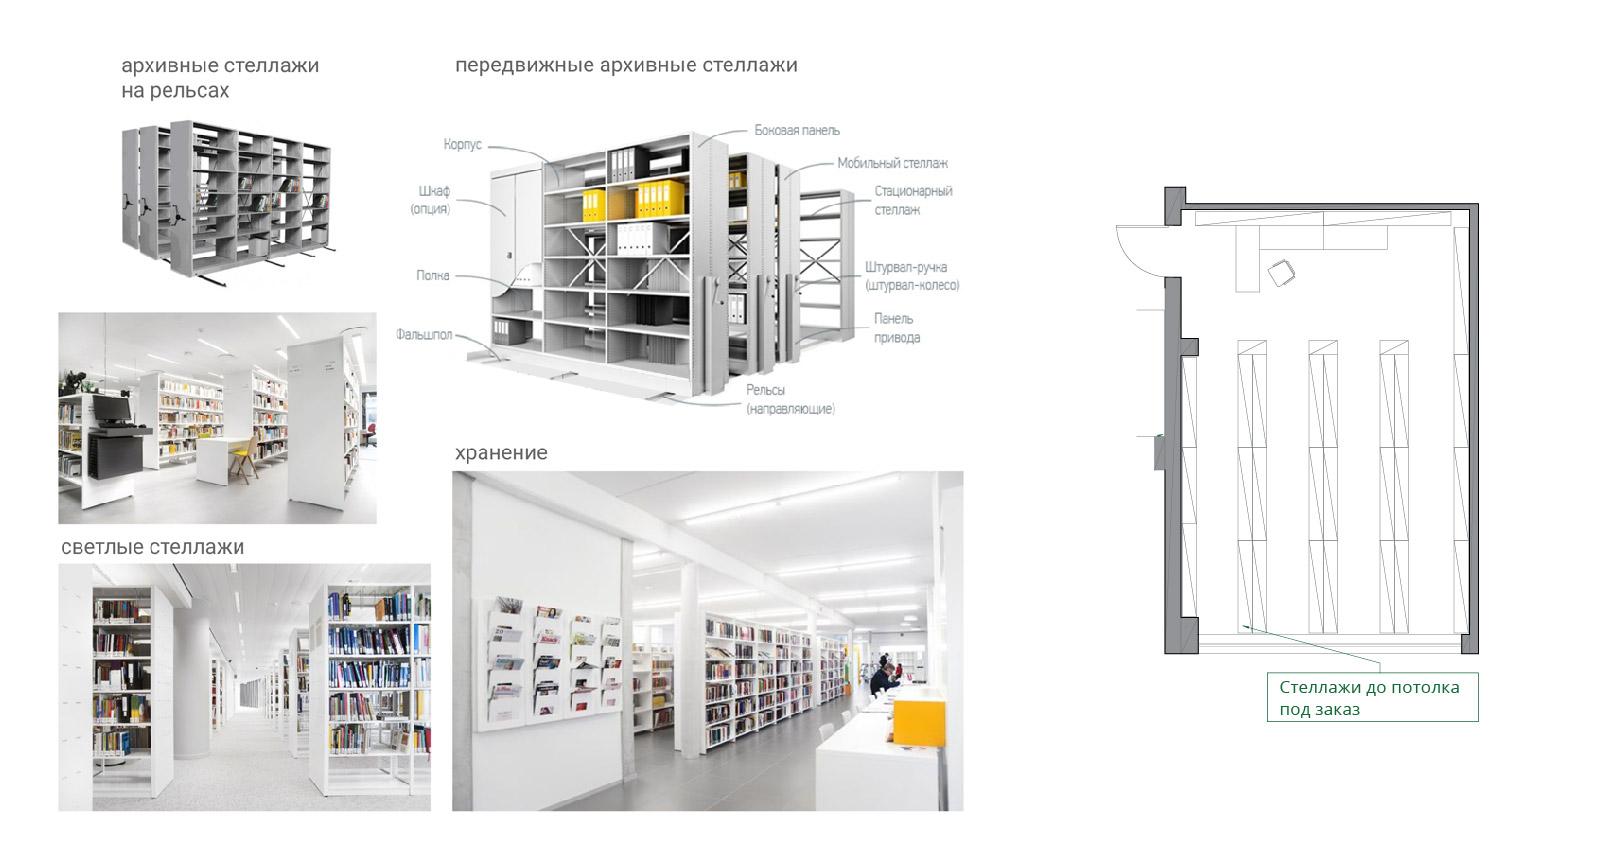 Хранилище школьной библиотеки